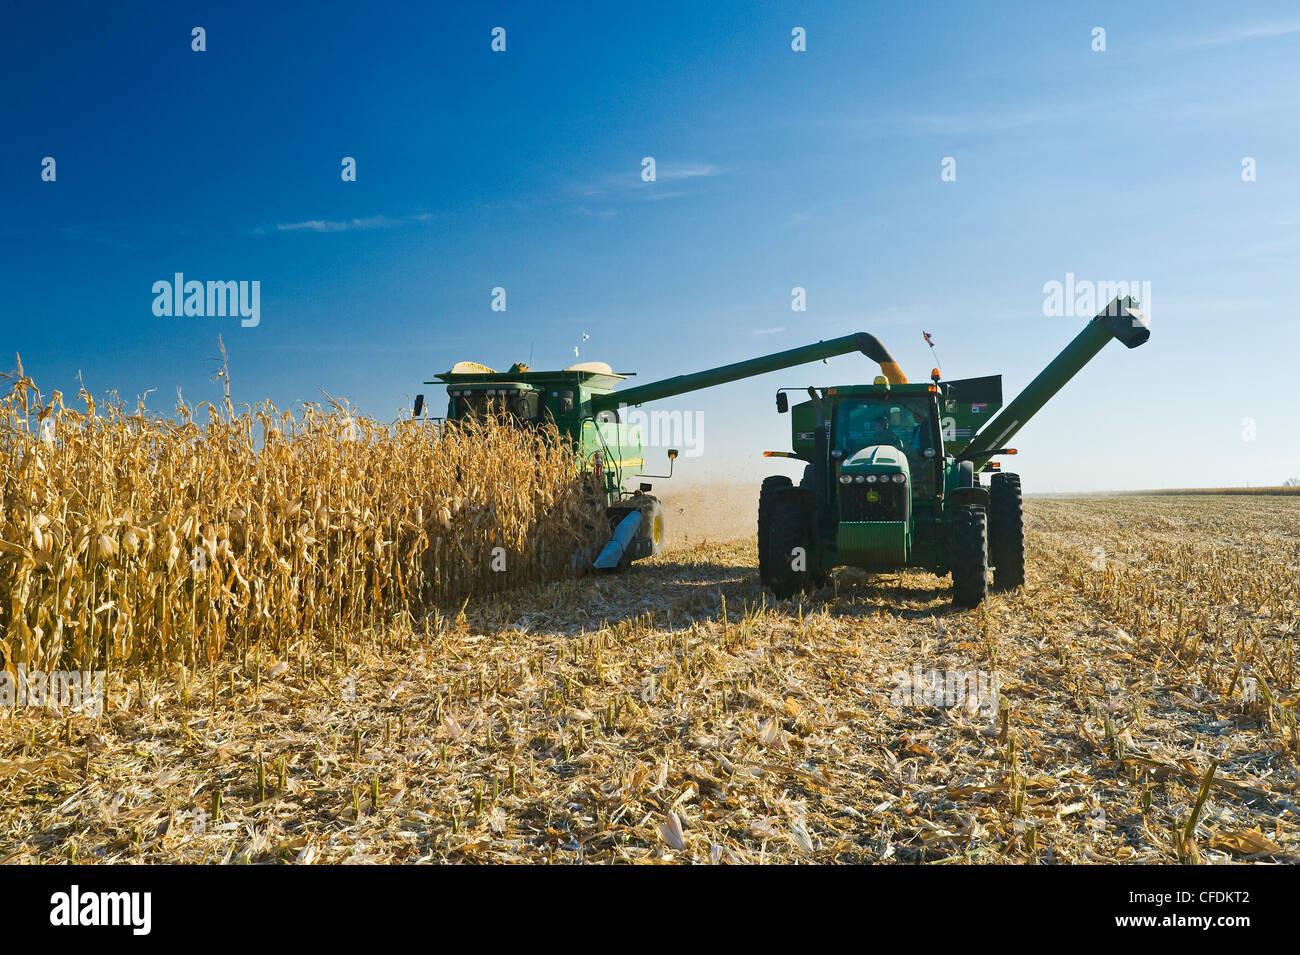 Une moissonneuse-batteuse se jette dans un wagon de grain sur le rendez-vous au cours de la récolte de maïs Photo Stock